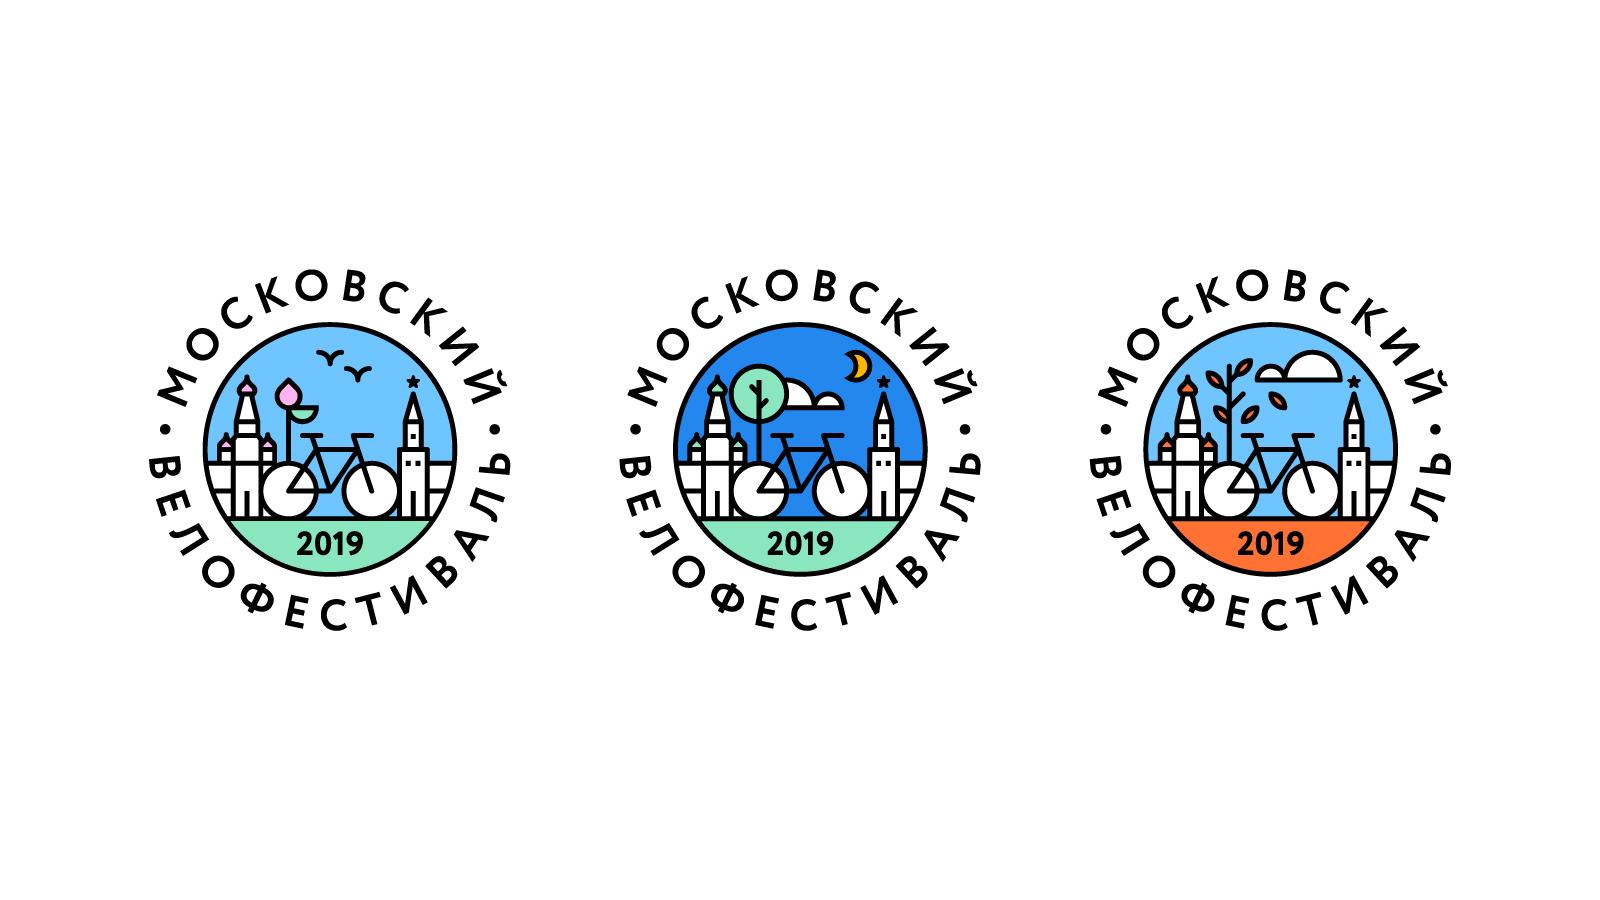 Разработано три версии дизайна логотипа для Весеннего, Ночного и Осеннего Велофестивалей соответственно.